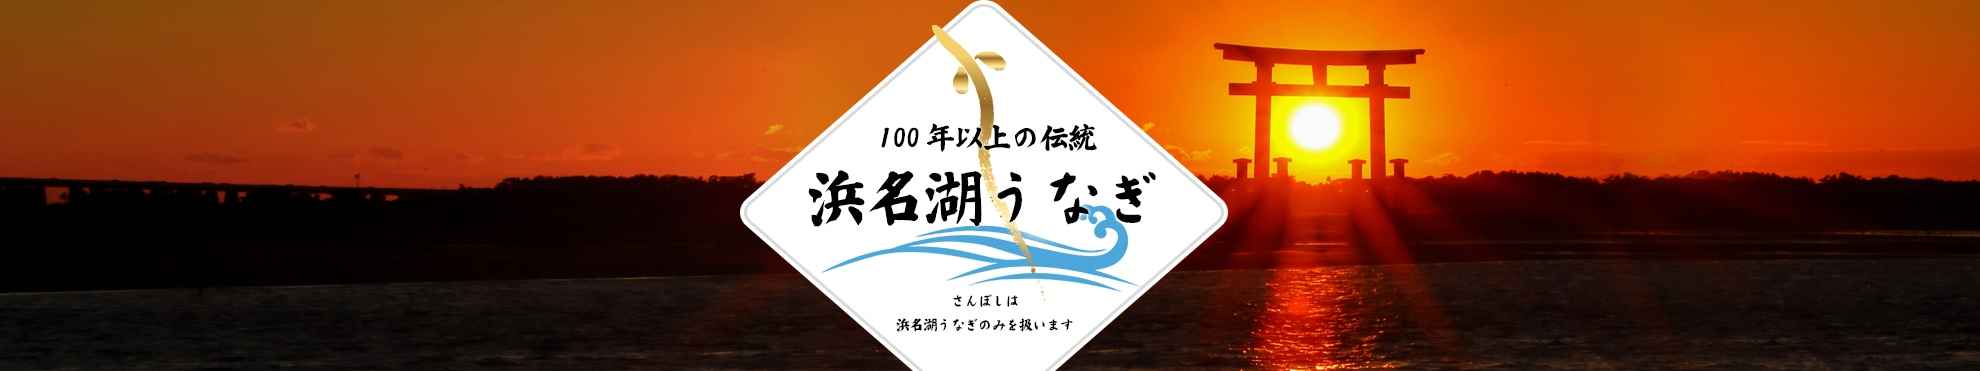 さんぼし 浜名湖の特産品ギフト